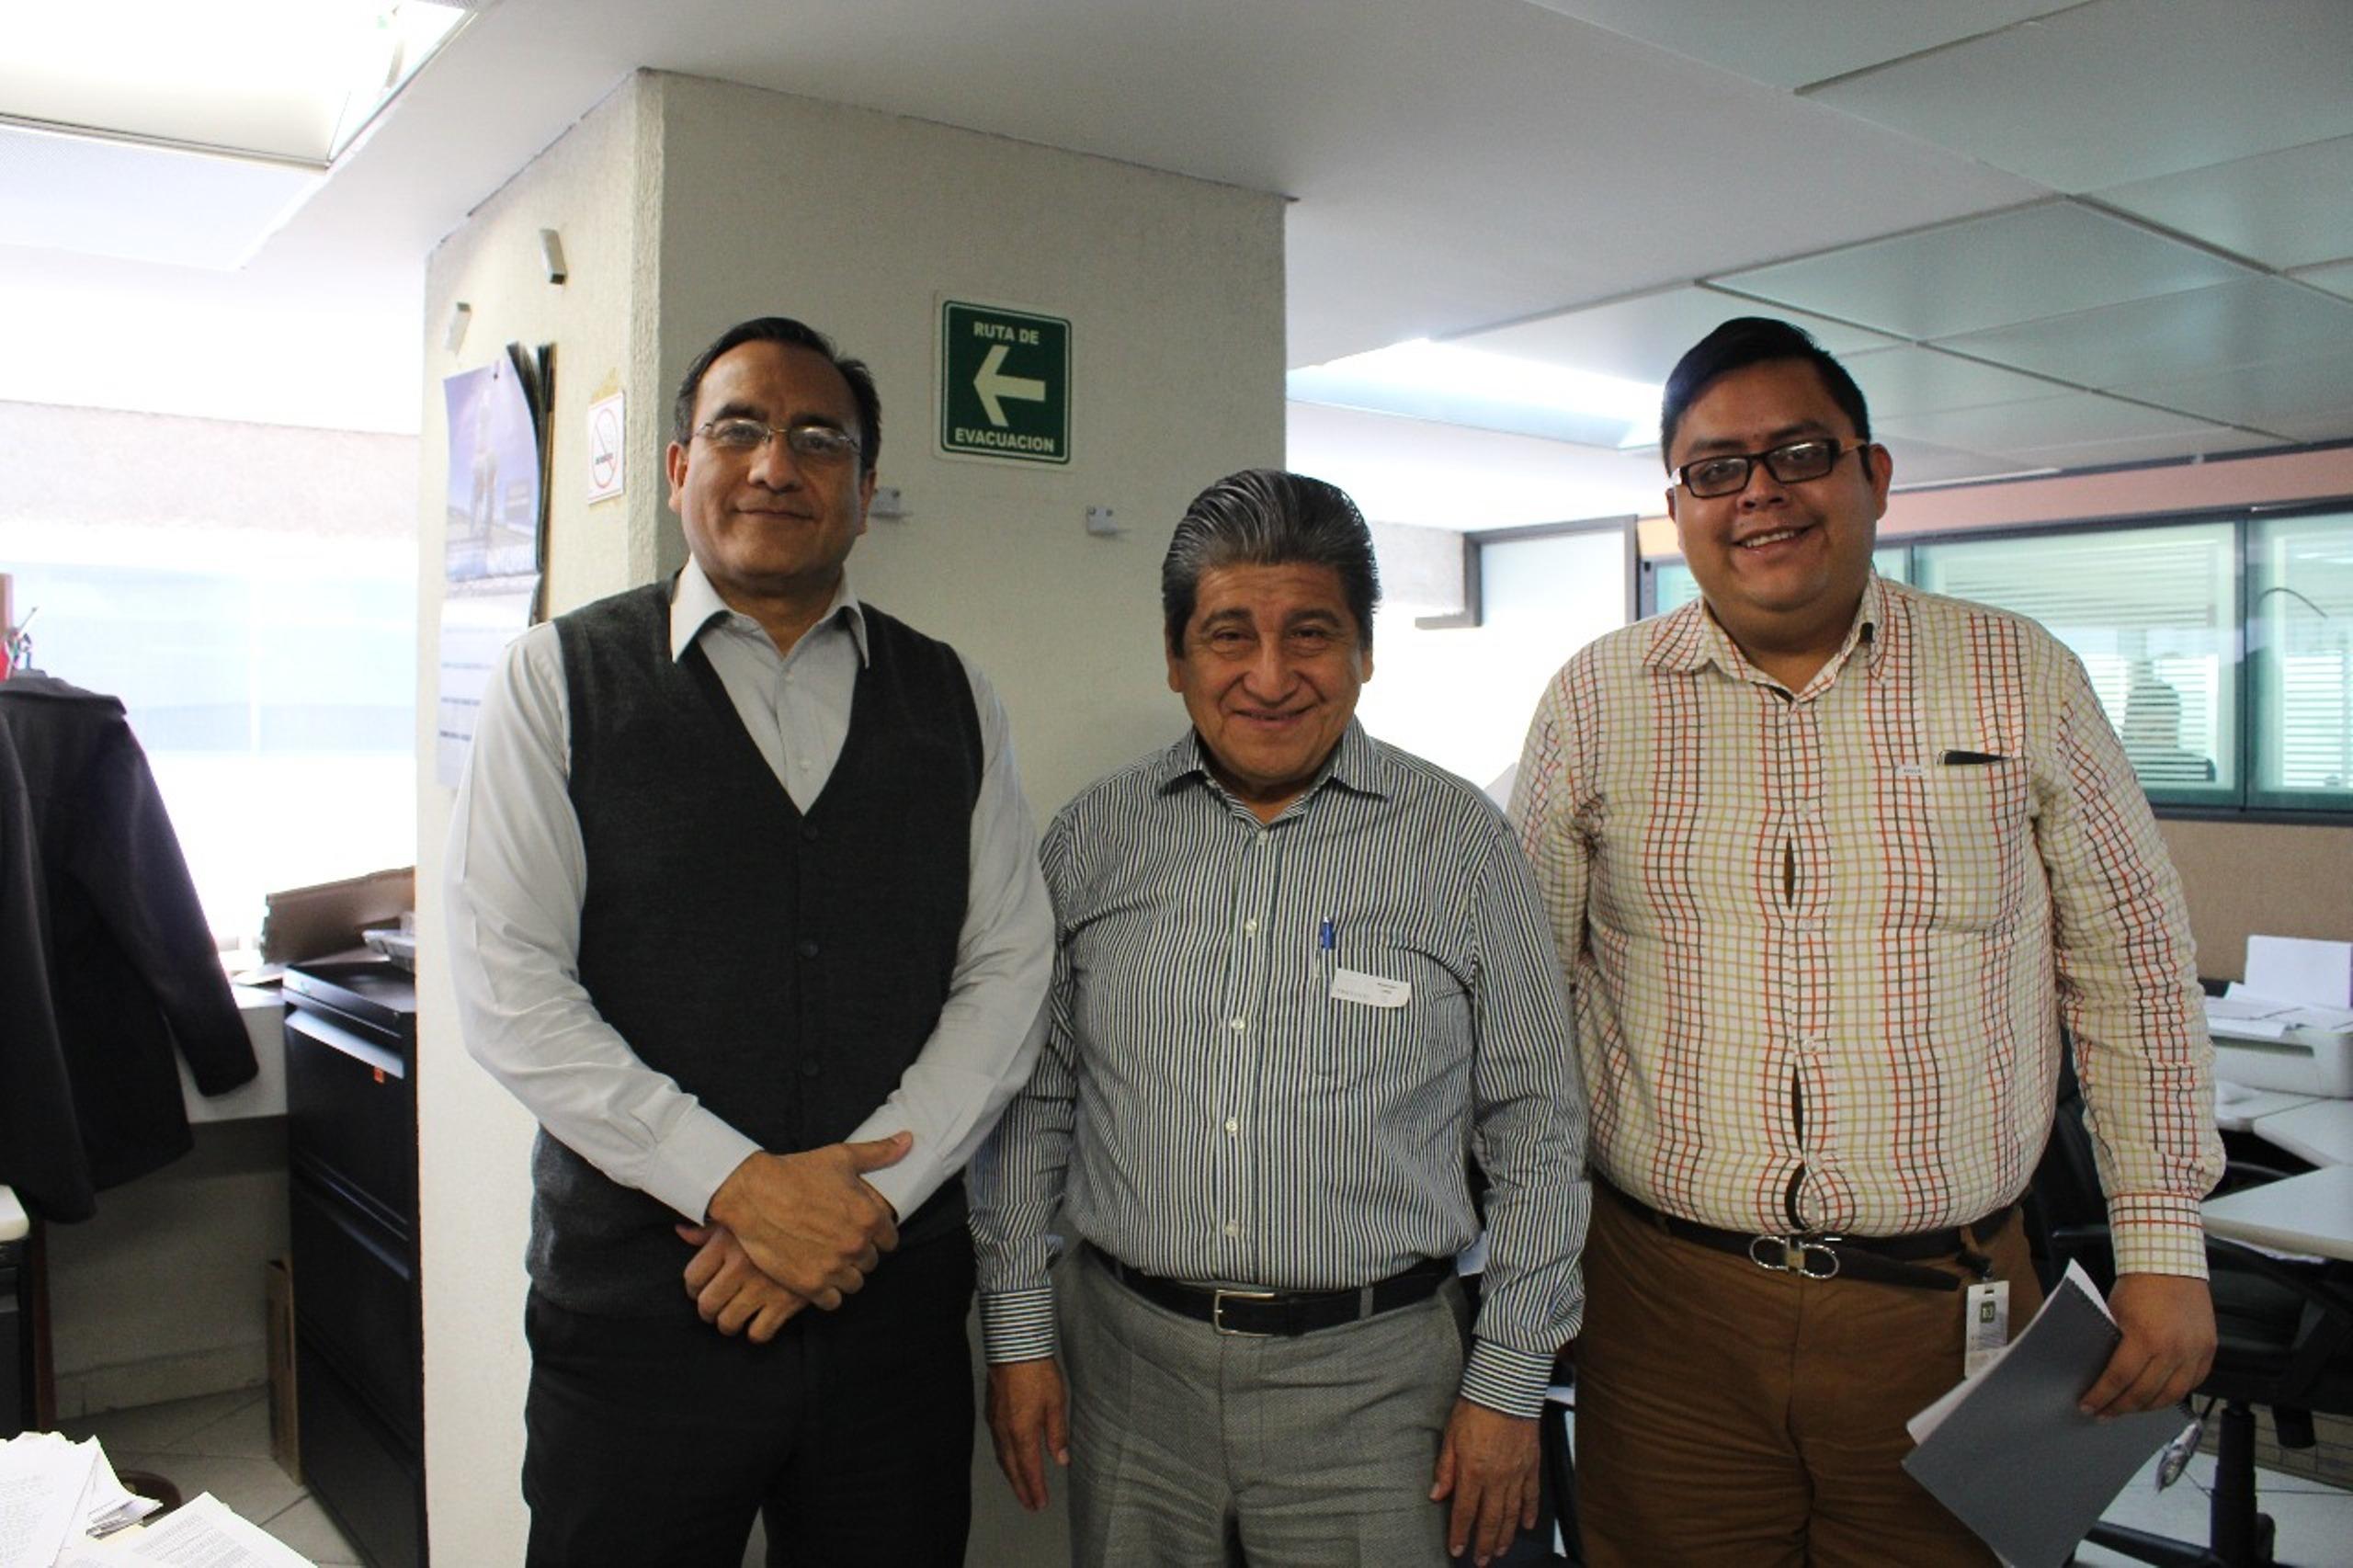 Impulsa diputado Manuel Francisco proyectos productivos para la zona norte